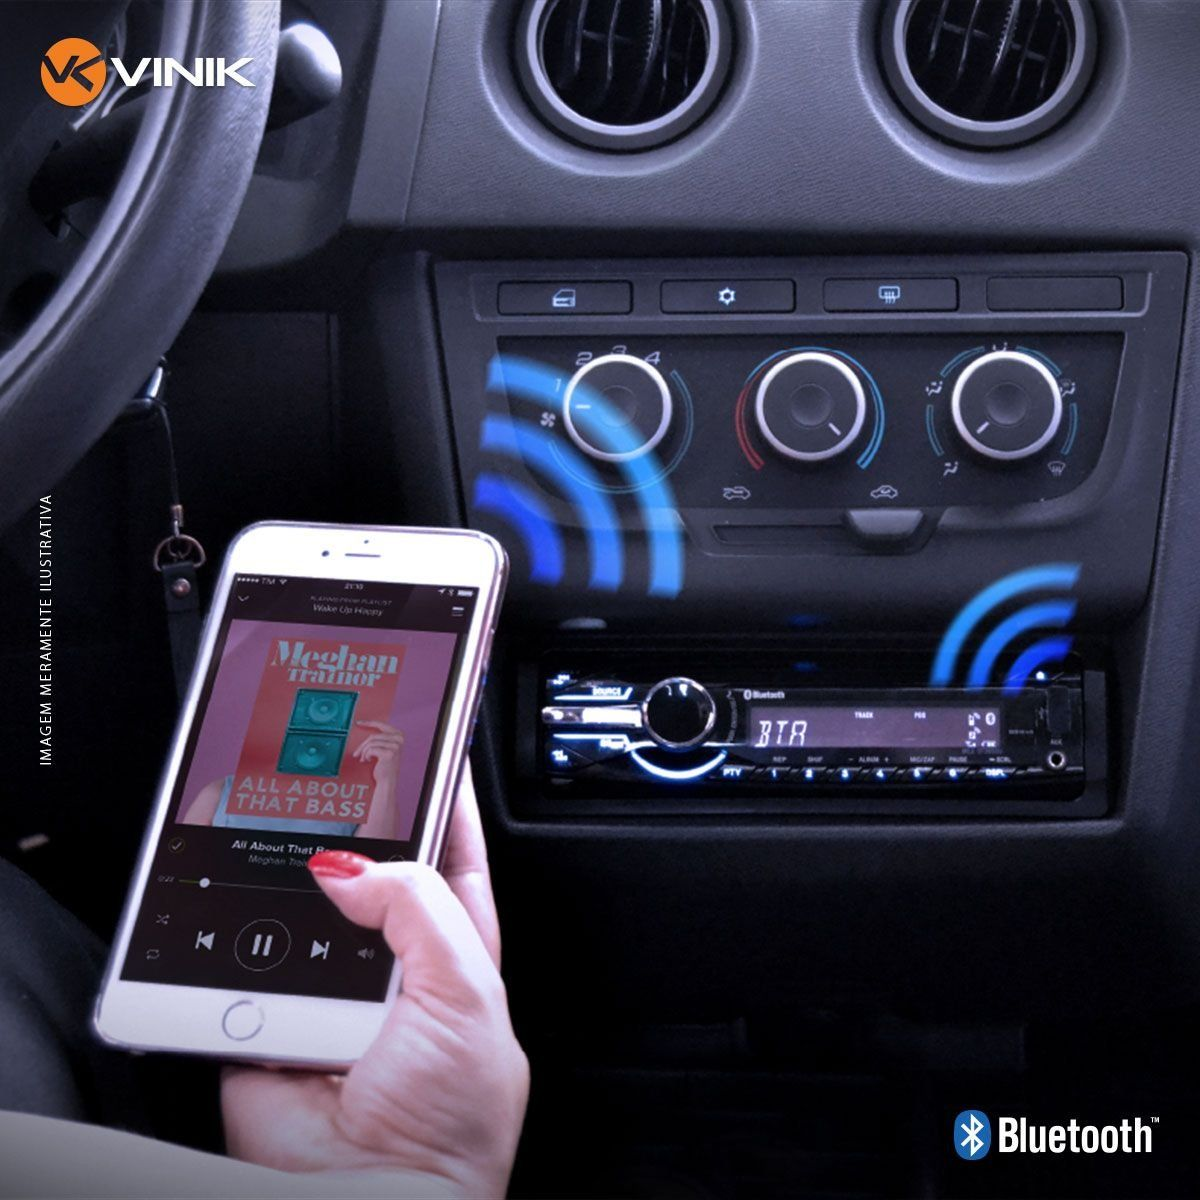 Adaptador Bluetooth 3.0 Automotivo ABTC-100 26316 - Vinik